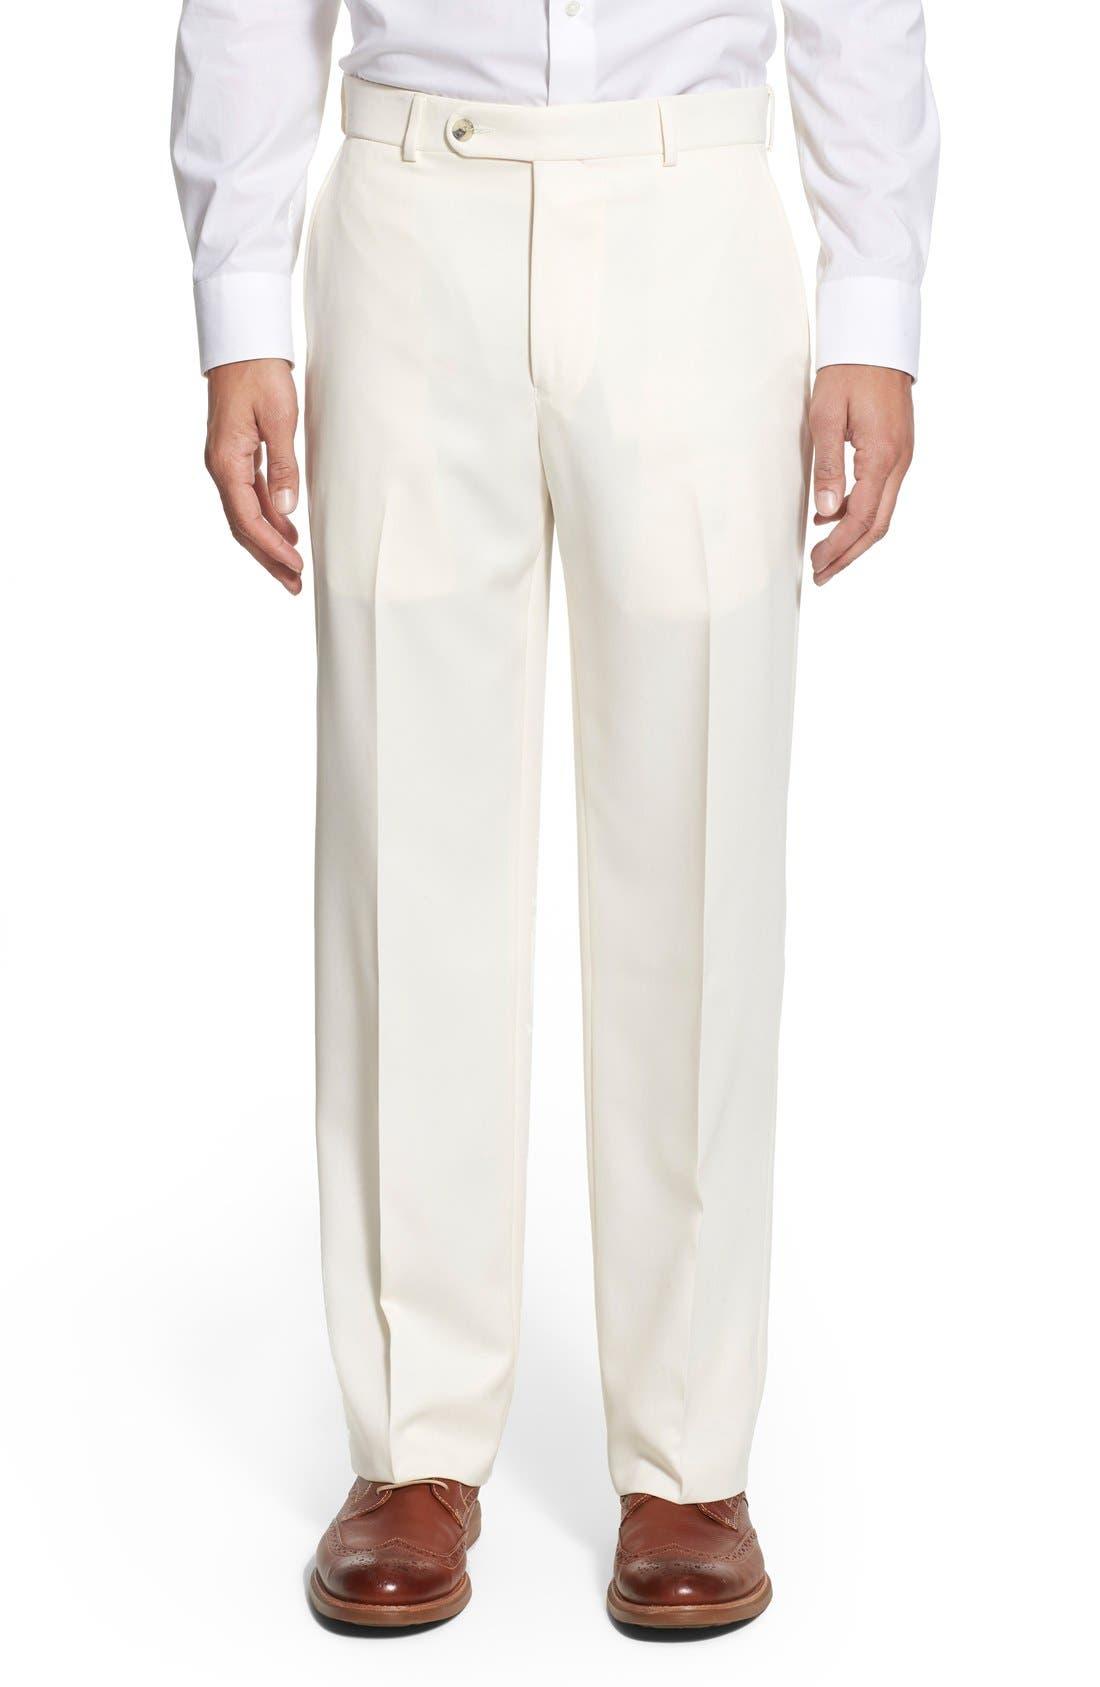 Mens White Dress Pants NdJbbI5H